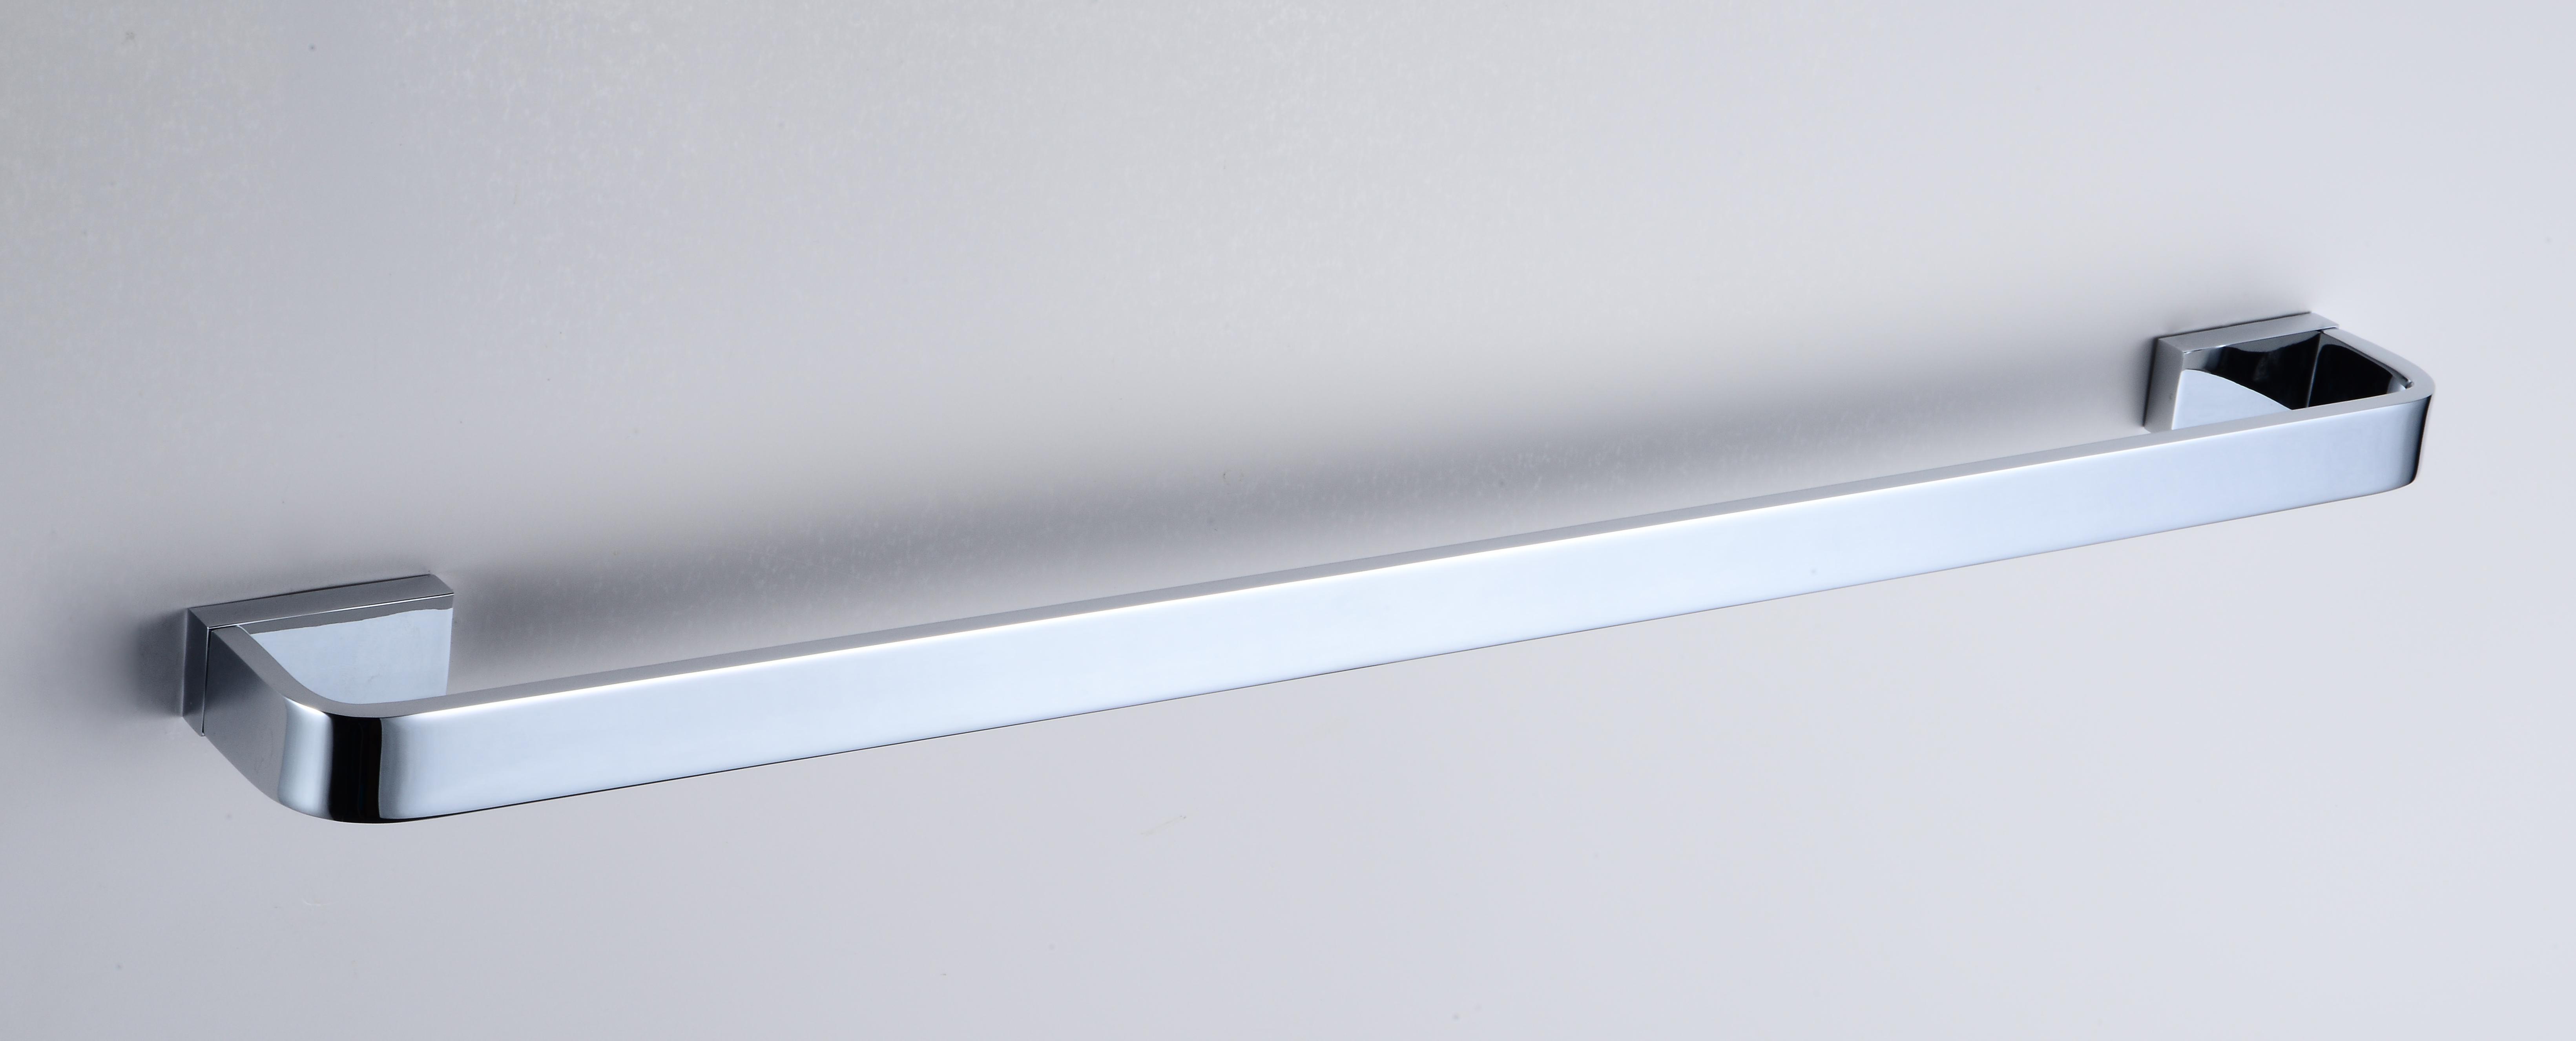 nero badshop loft design bad accessoires eckig 60cm wand. Black Bedroom Furniture Sets. Home Design Ideas